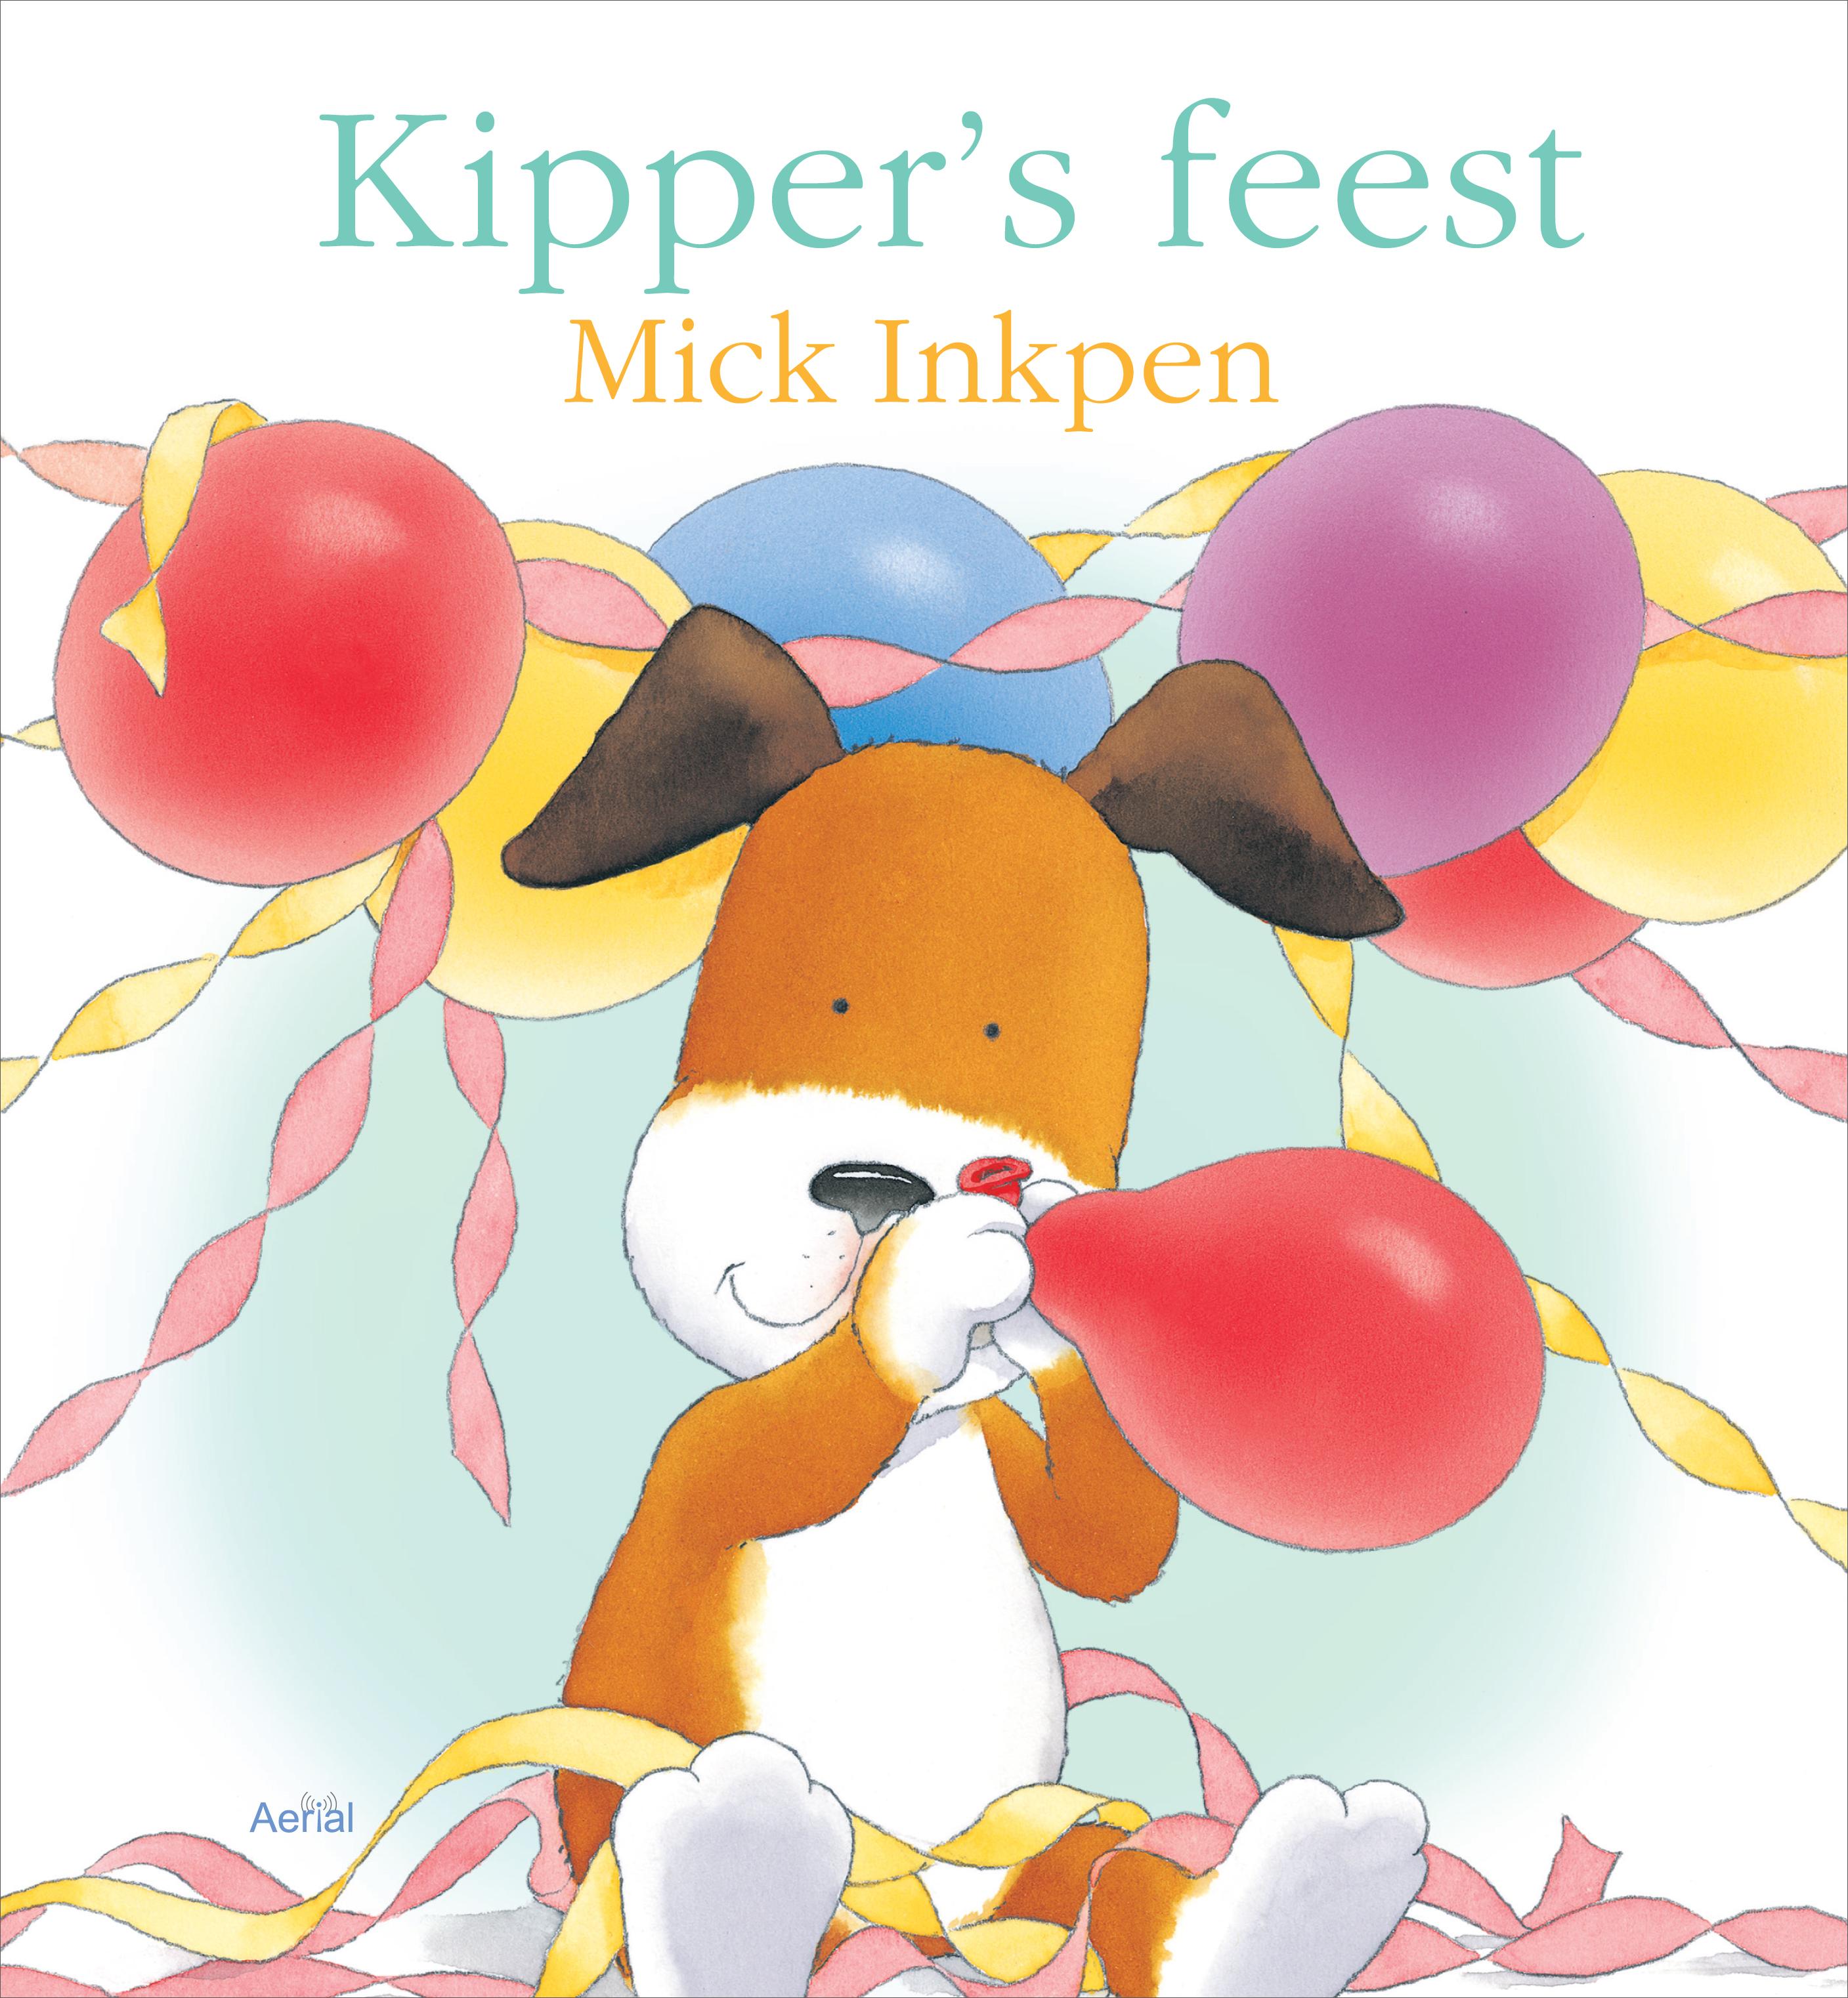 Kipper's feest Book Cover